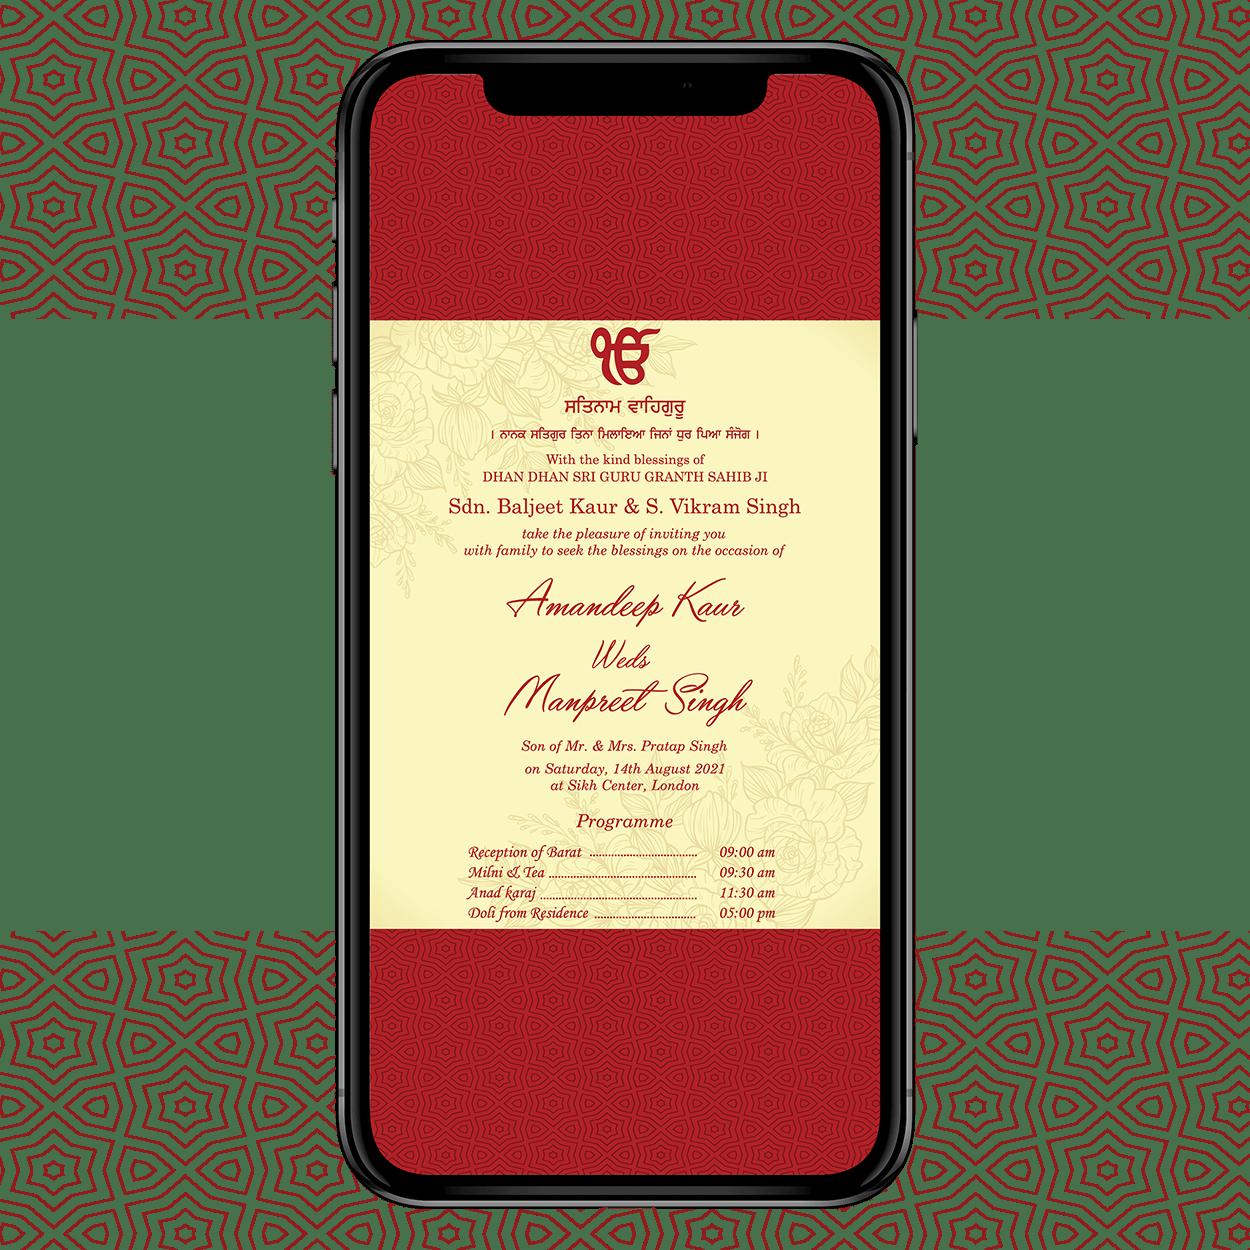 Invites Cafe Sikh Wedding Invitation 007